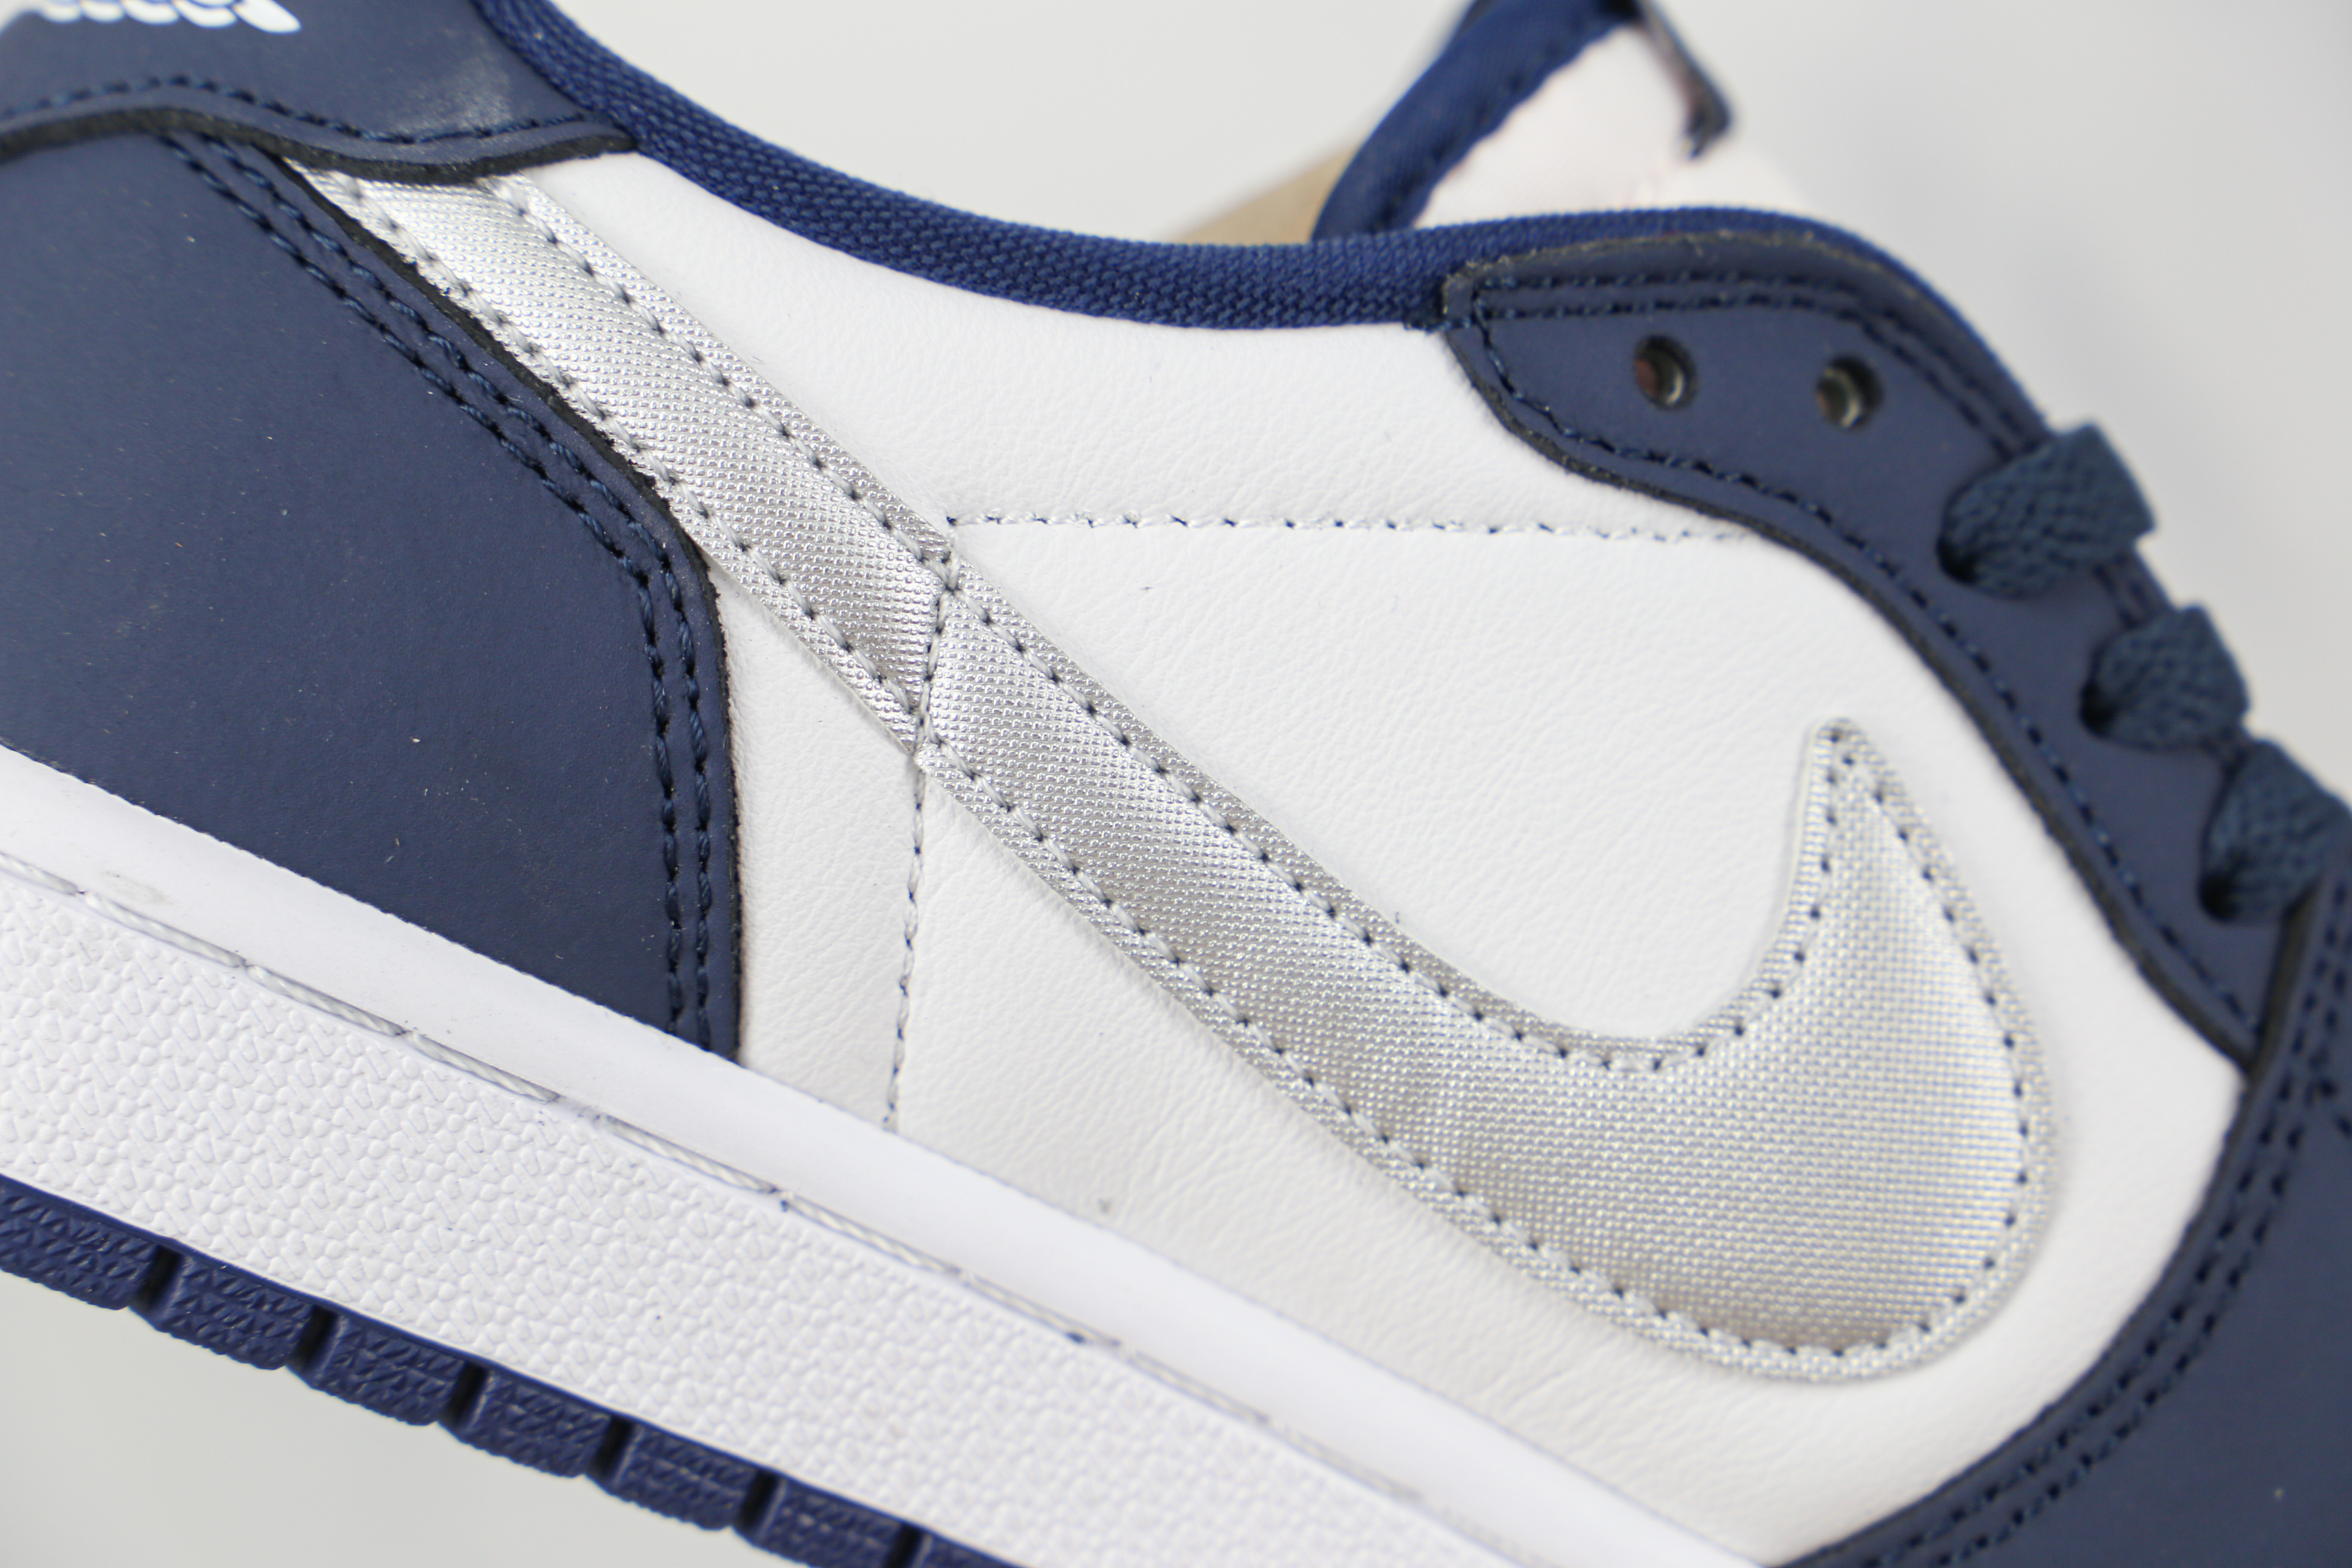 支持二次放店 AJ1 低帮 海军蓝 联名 白蓝色 货号:CJ7891 400 Nike SB x Air Jordan 1 Low  工厂直销 尖端性价比 市售性价比之王   J21